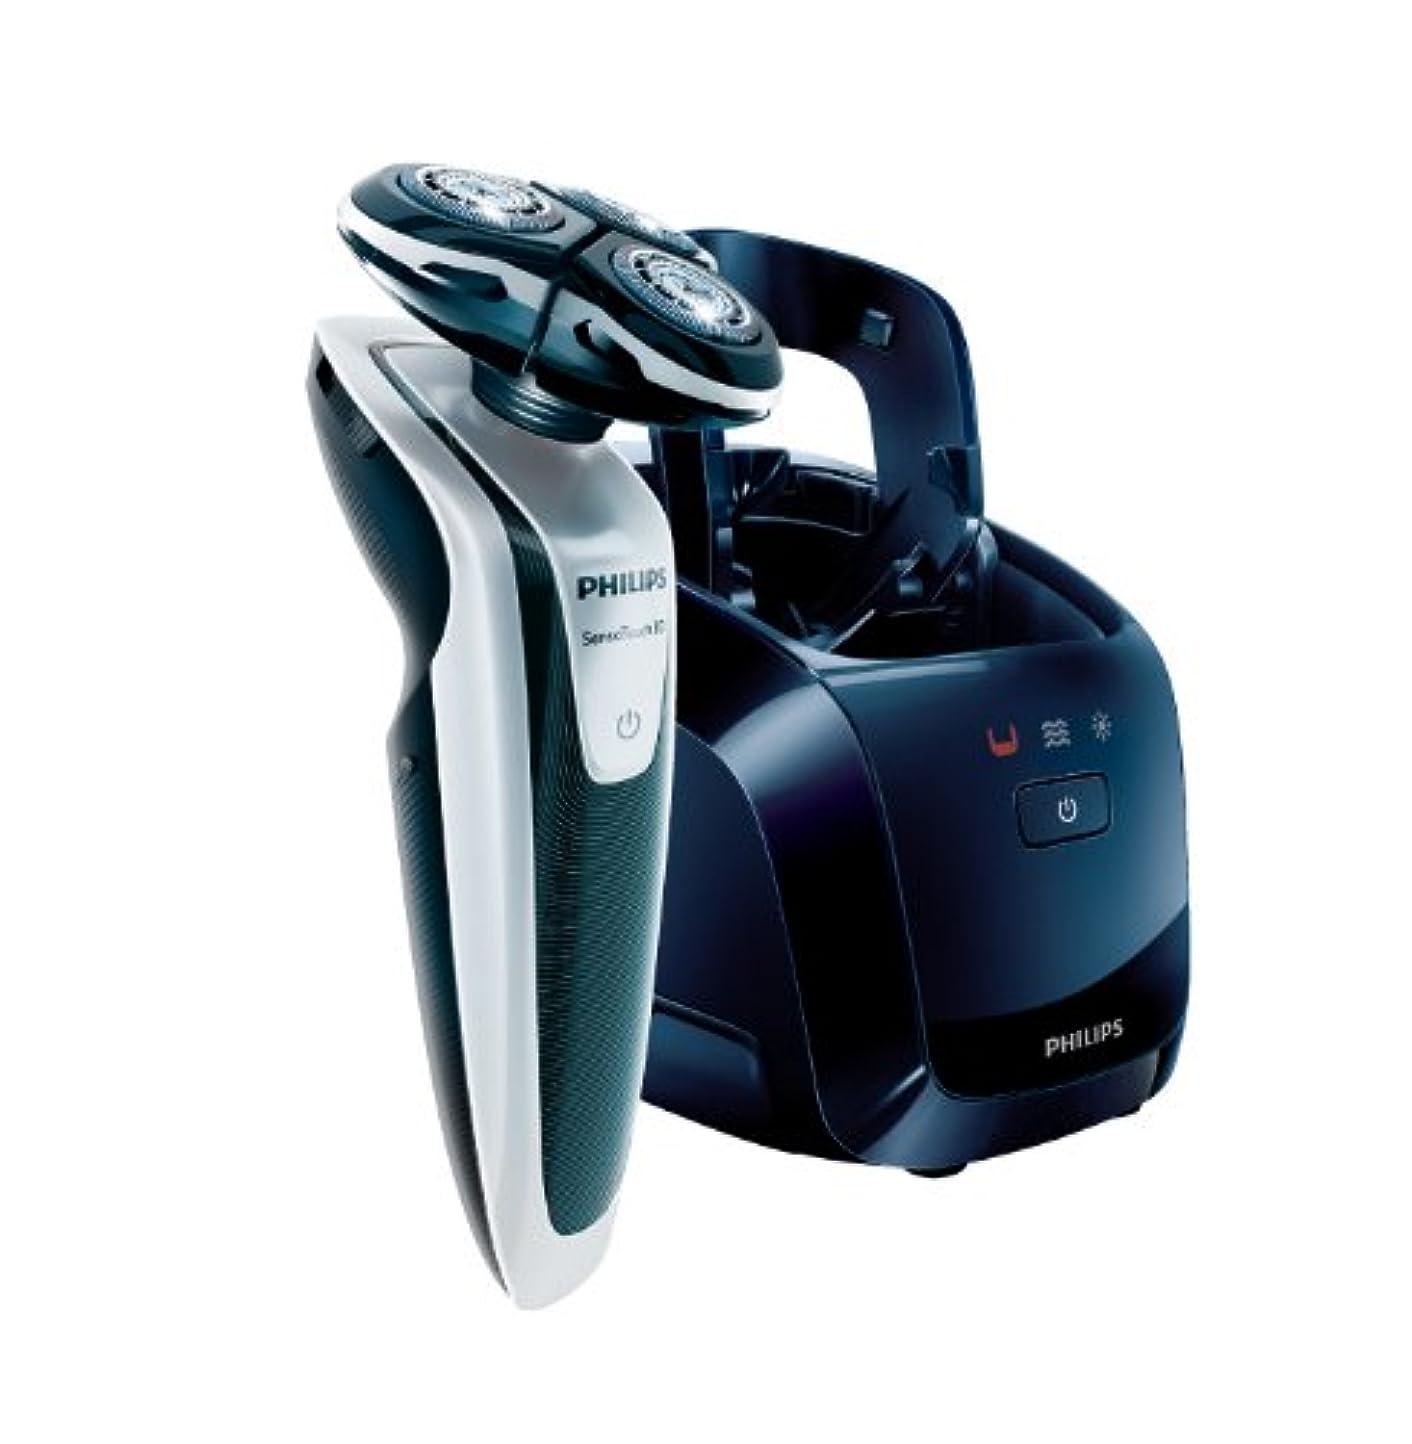 学者大学院受動的フィリップス シェーバー センソタッチ3D【洗浄充電器付】RQ1251CC